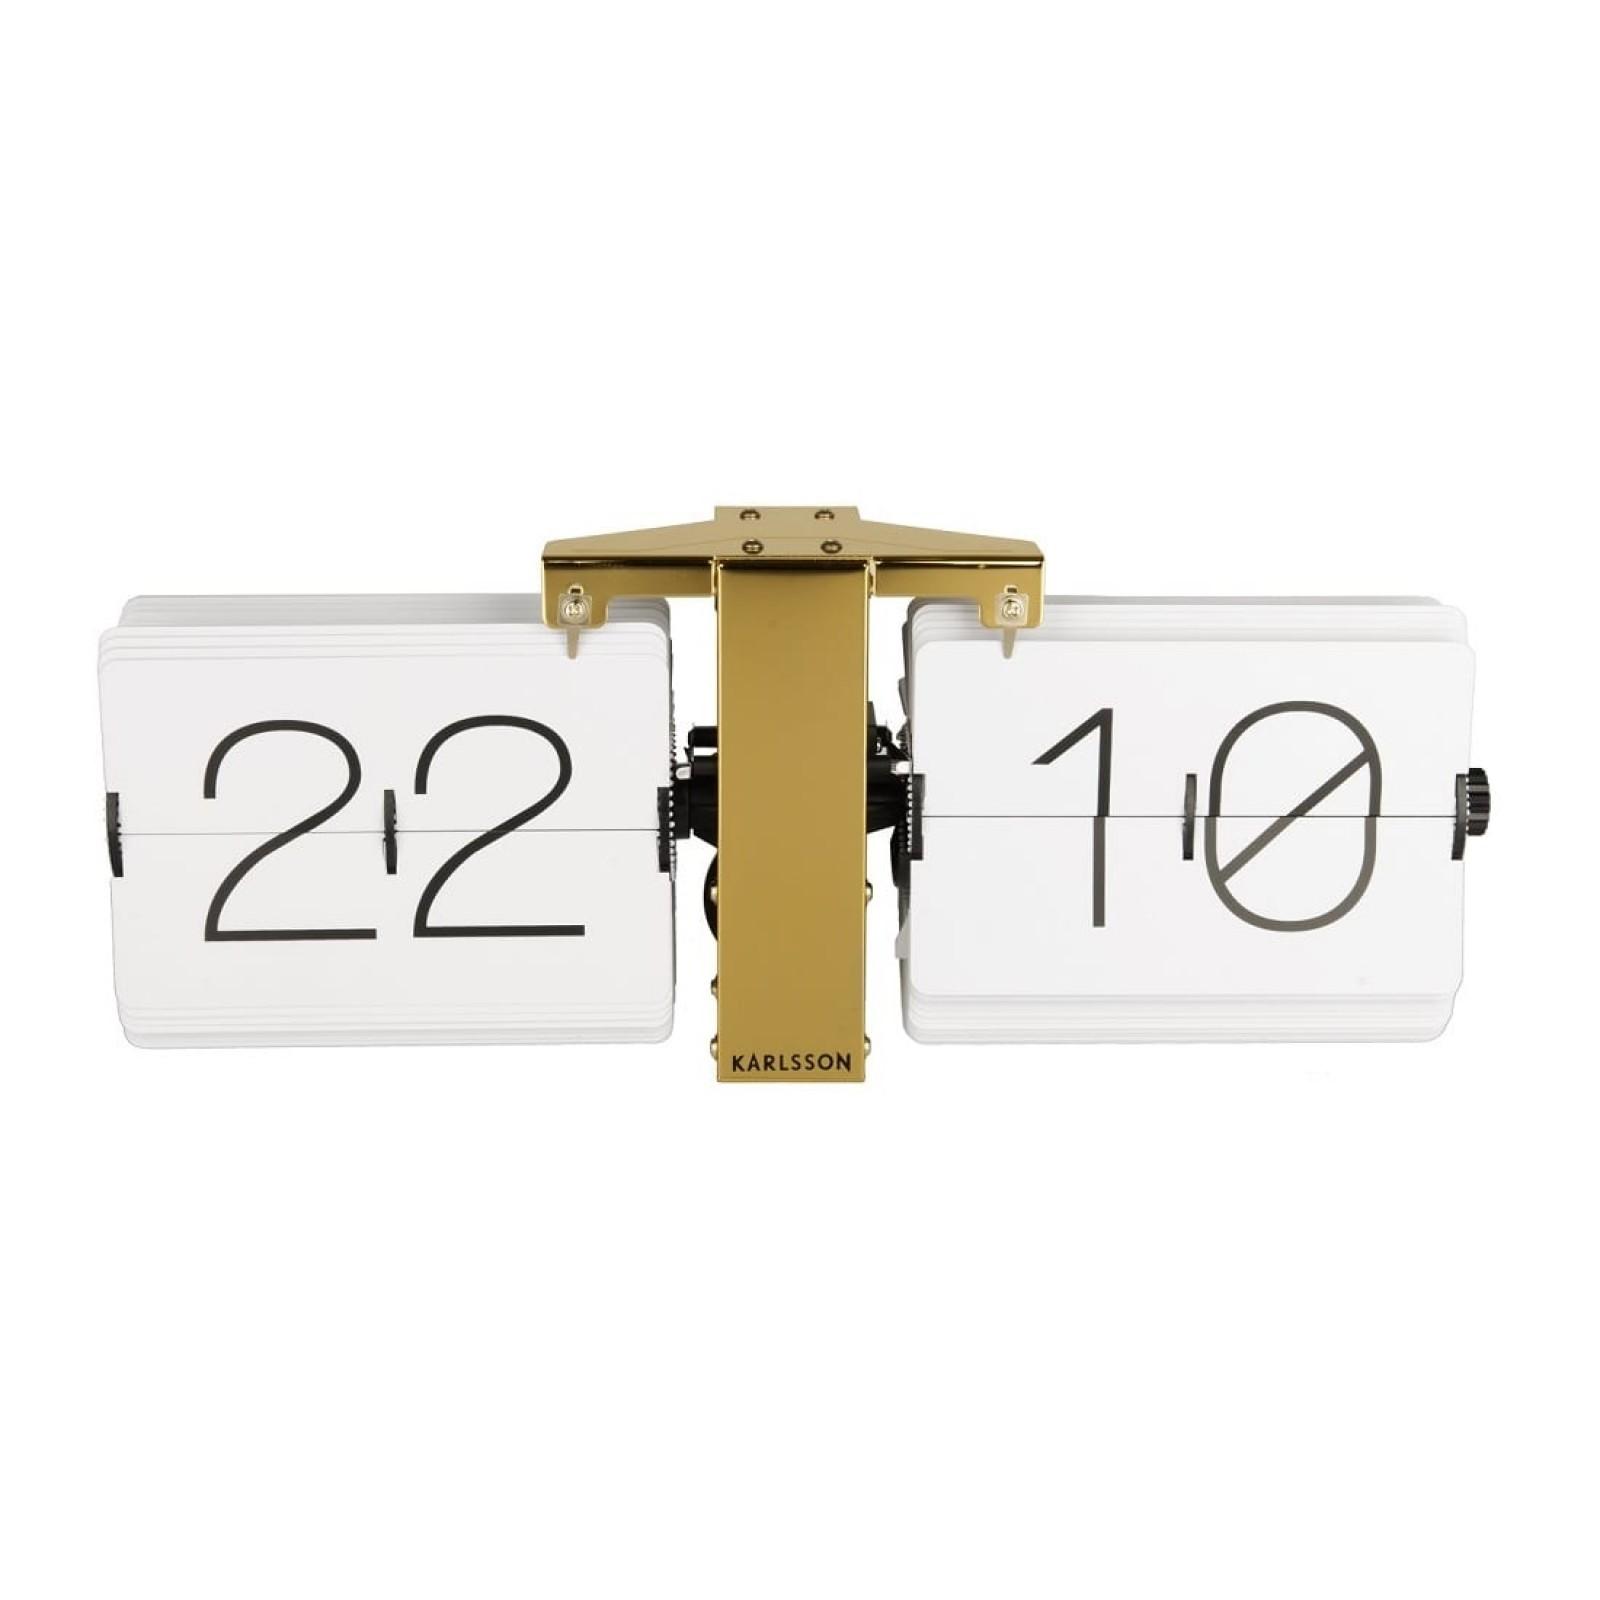 Flip Clock No Case (White) - Karlsson